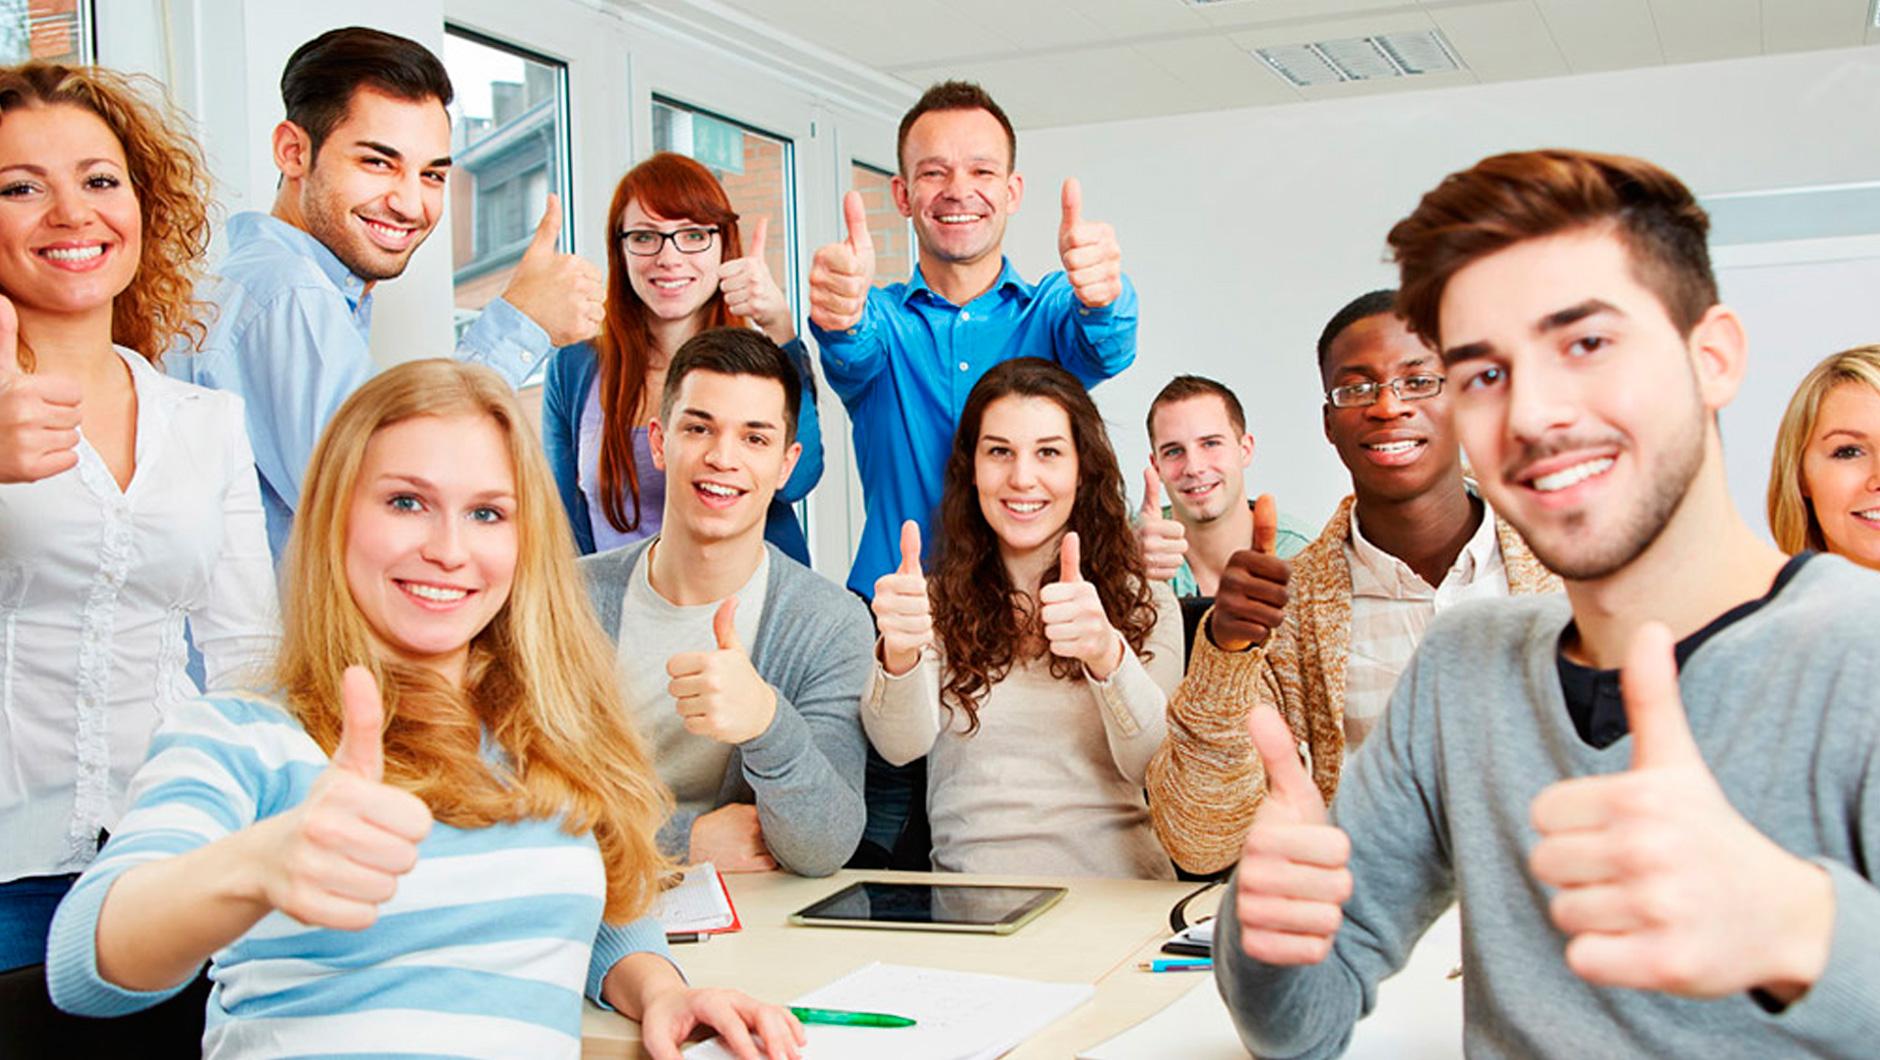 Студенческая групповушка в бильярдной после экзамена онлайн фото 546-532